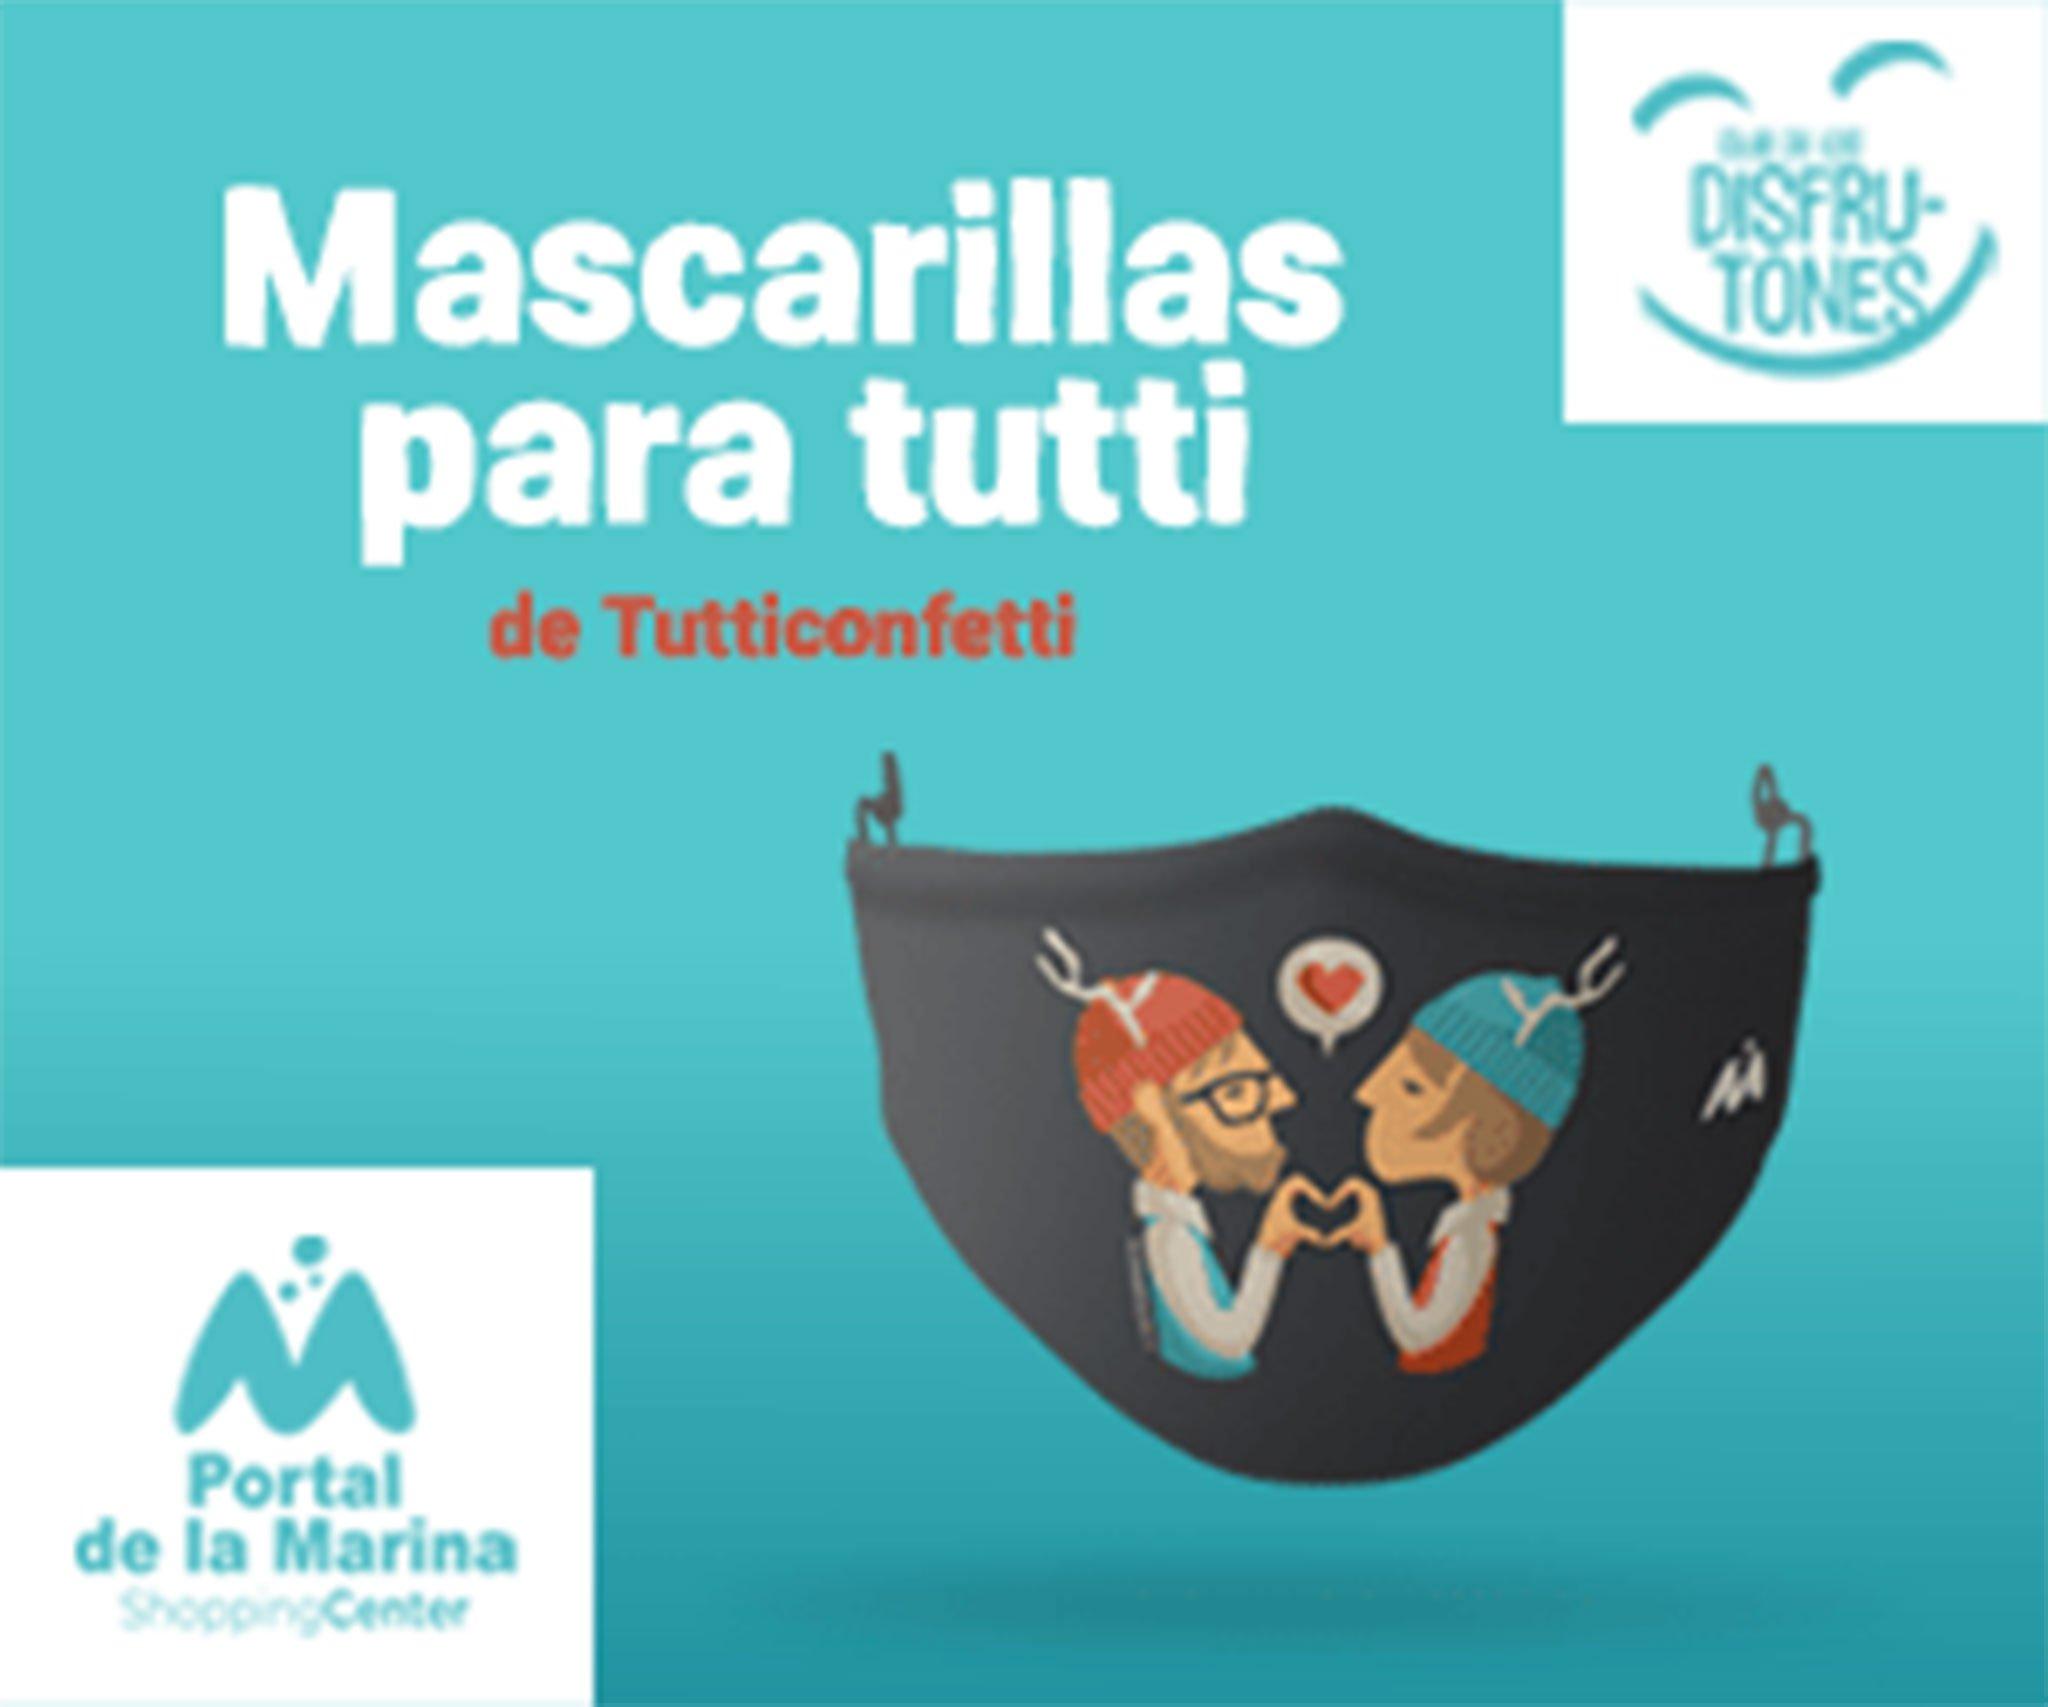 Portal de la Marina offre des masques de l'artiste alicante Tutticonfetti